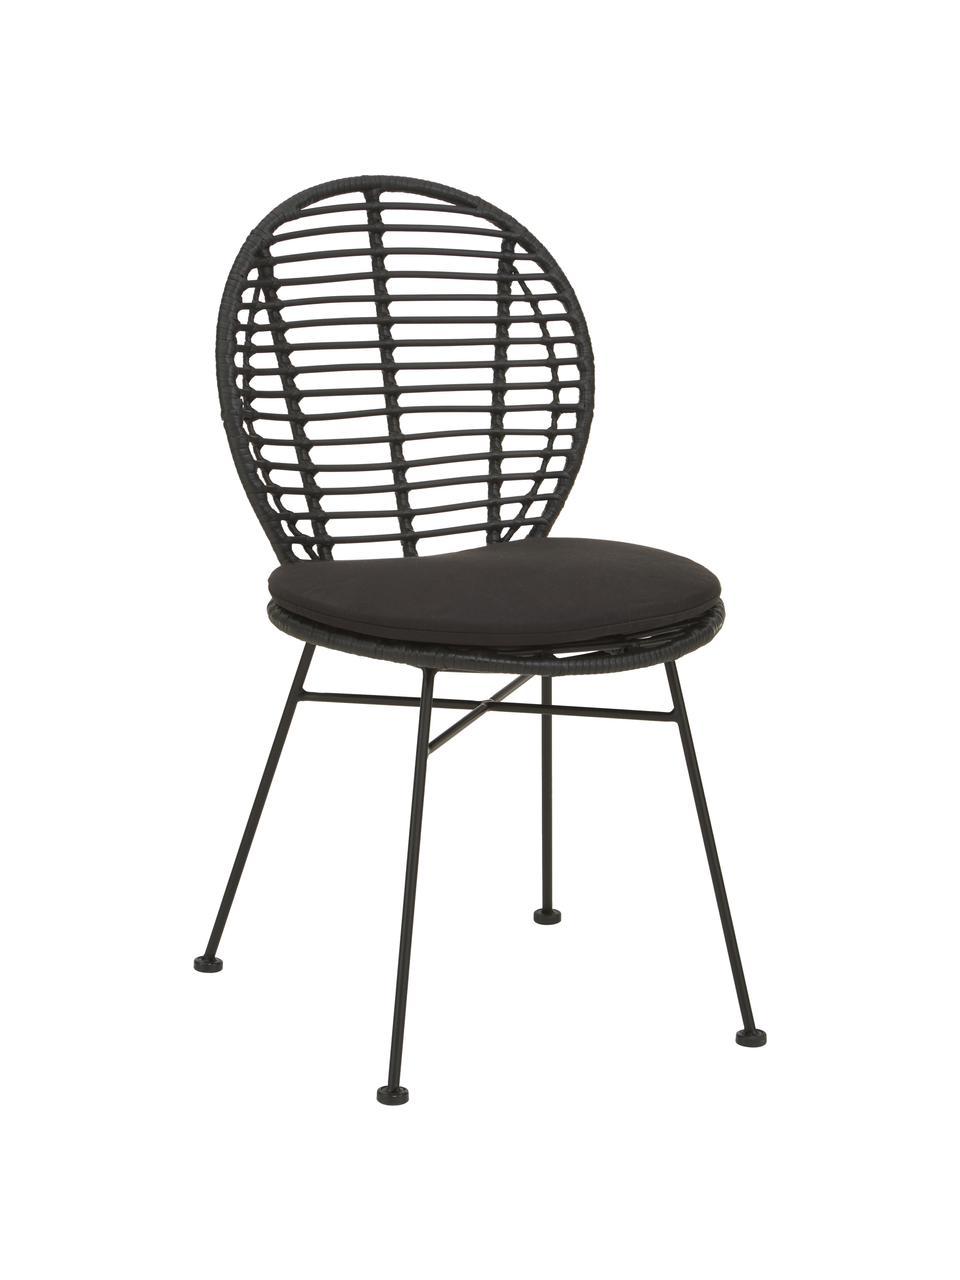 Sedia in polirattan con cuscino Cordula 2 pz, Seduta: intreccio polietilene, Struttura: metallo verniciato a polv, Nero, Larg. 48 x Prof. 57 cm